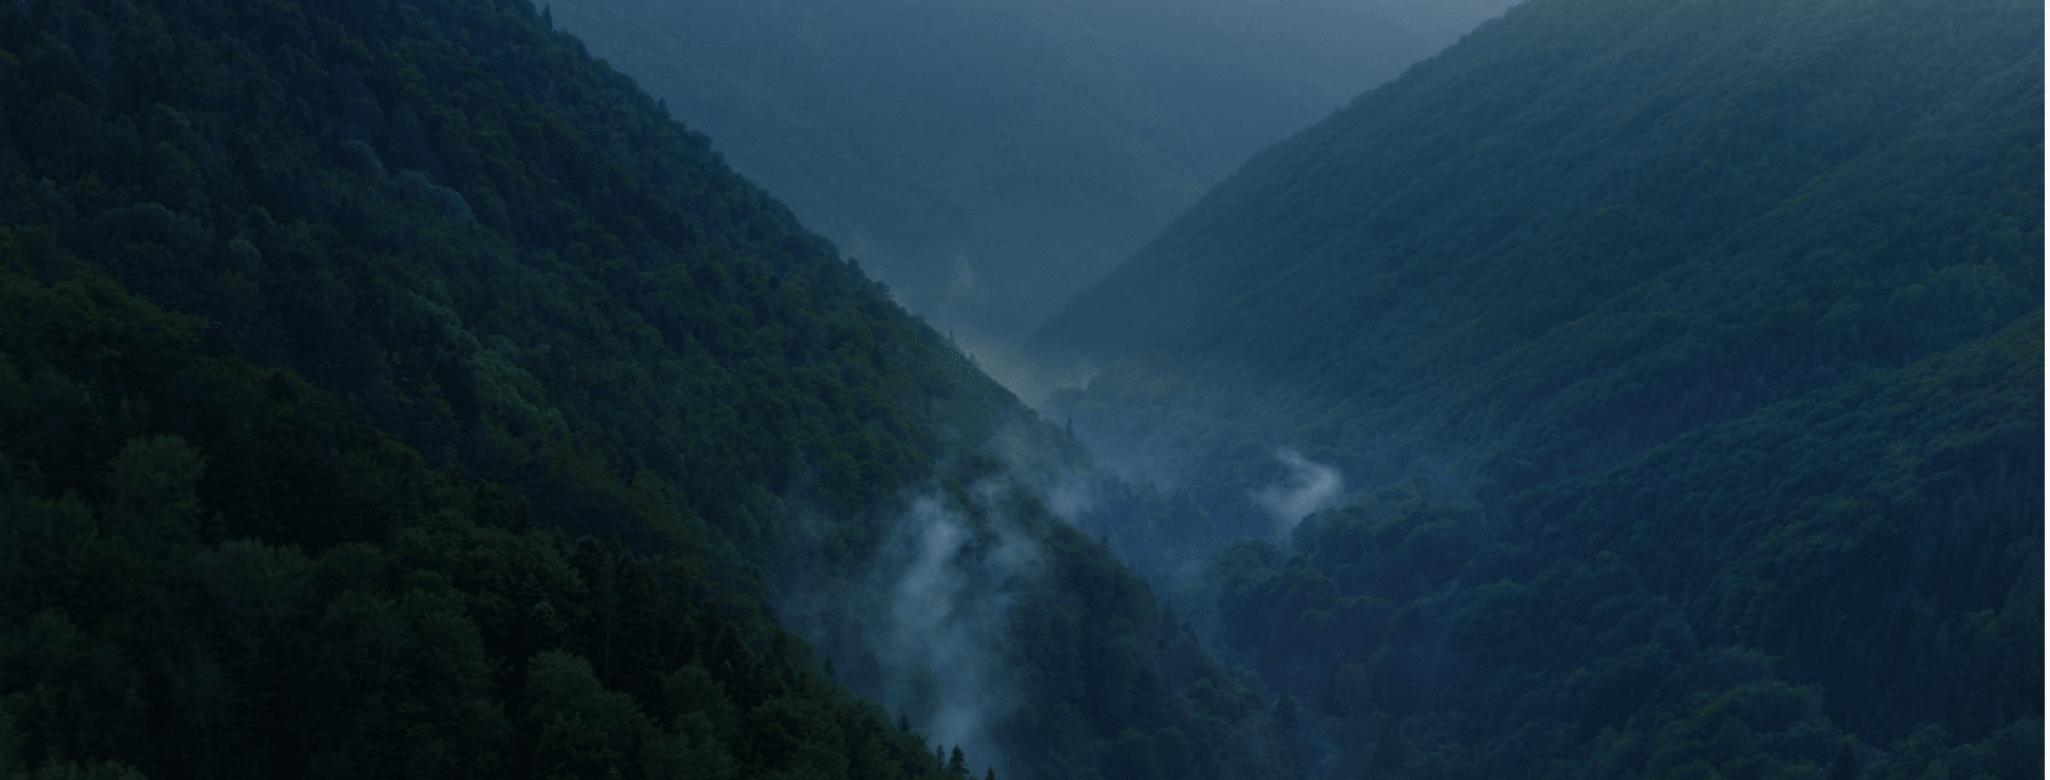 בולגריה הופכת למדינה אדומה